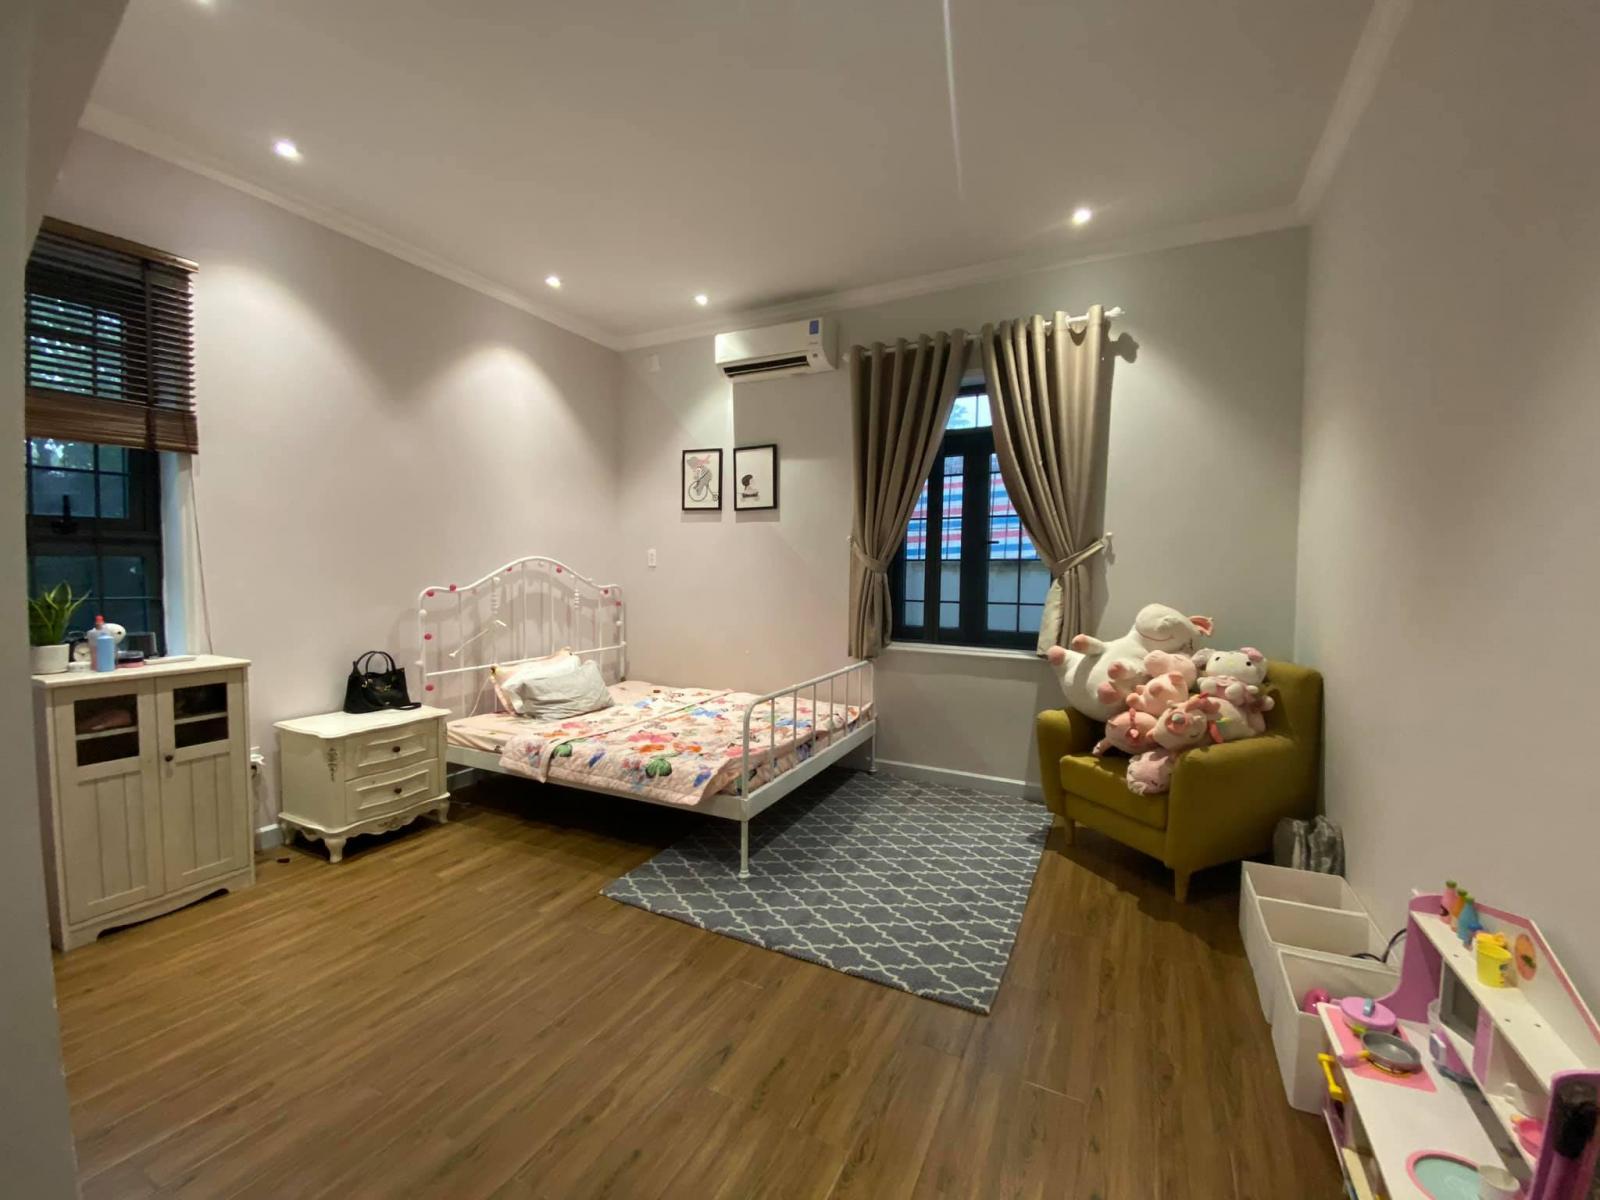 """Phòng ngủ của cô """"công chúa nhỏ"""" với chiếc giường trắng thiết kế nữ tính, dễ thương."""